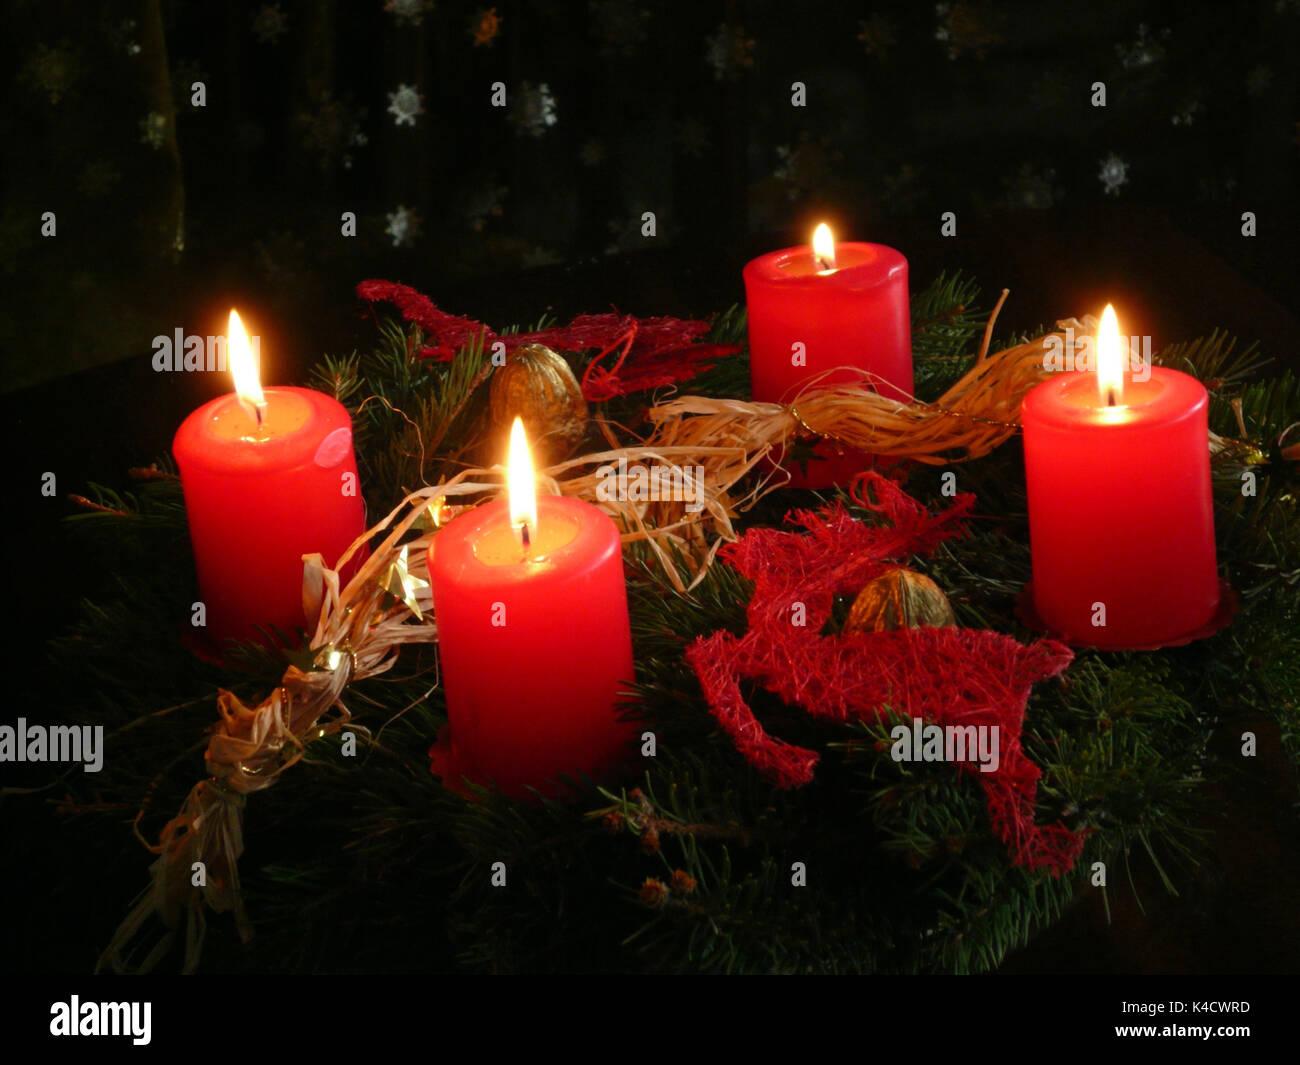 adventskranz mit vier brennenden kerzen kerzenlicht auf. Black Bedroom Furniture Sets. Home Design Ideas